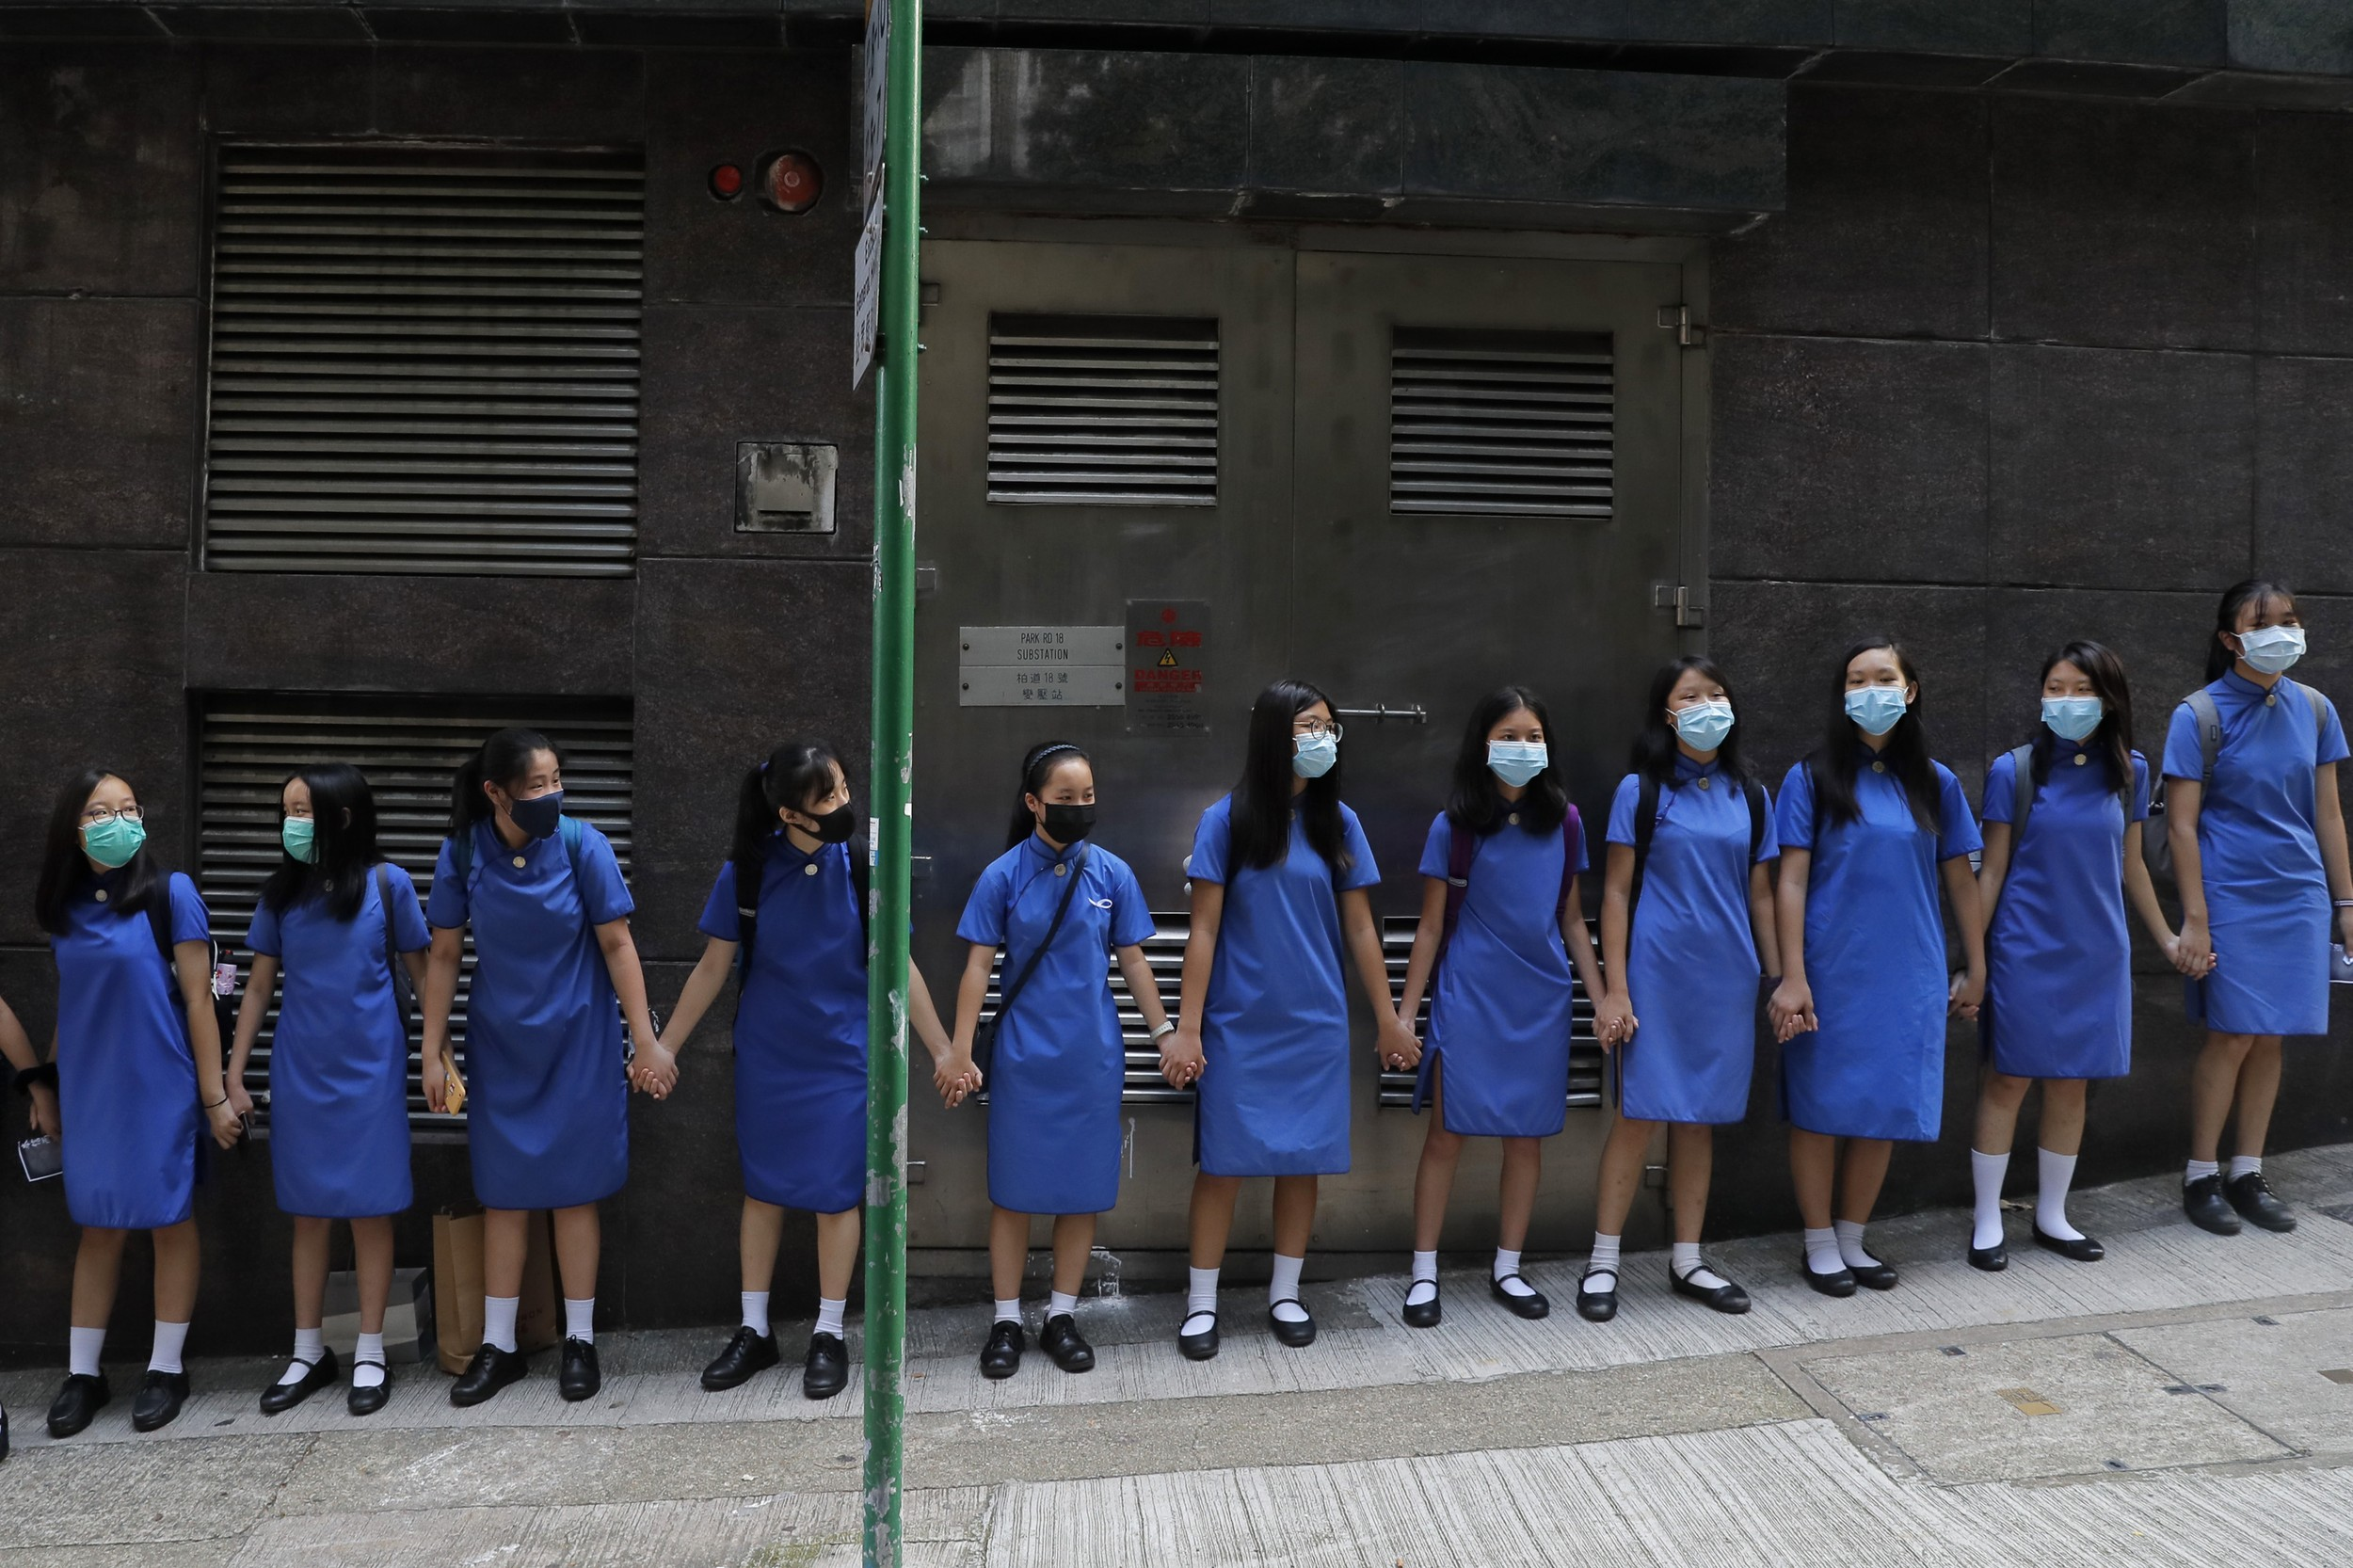 2019年9月9日,香港抗议者手拉手组成人墙。(美联社)